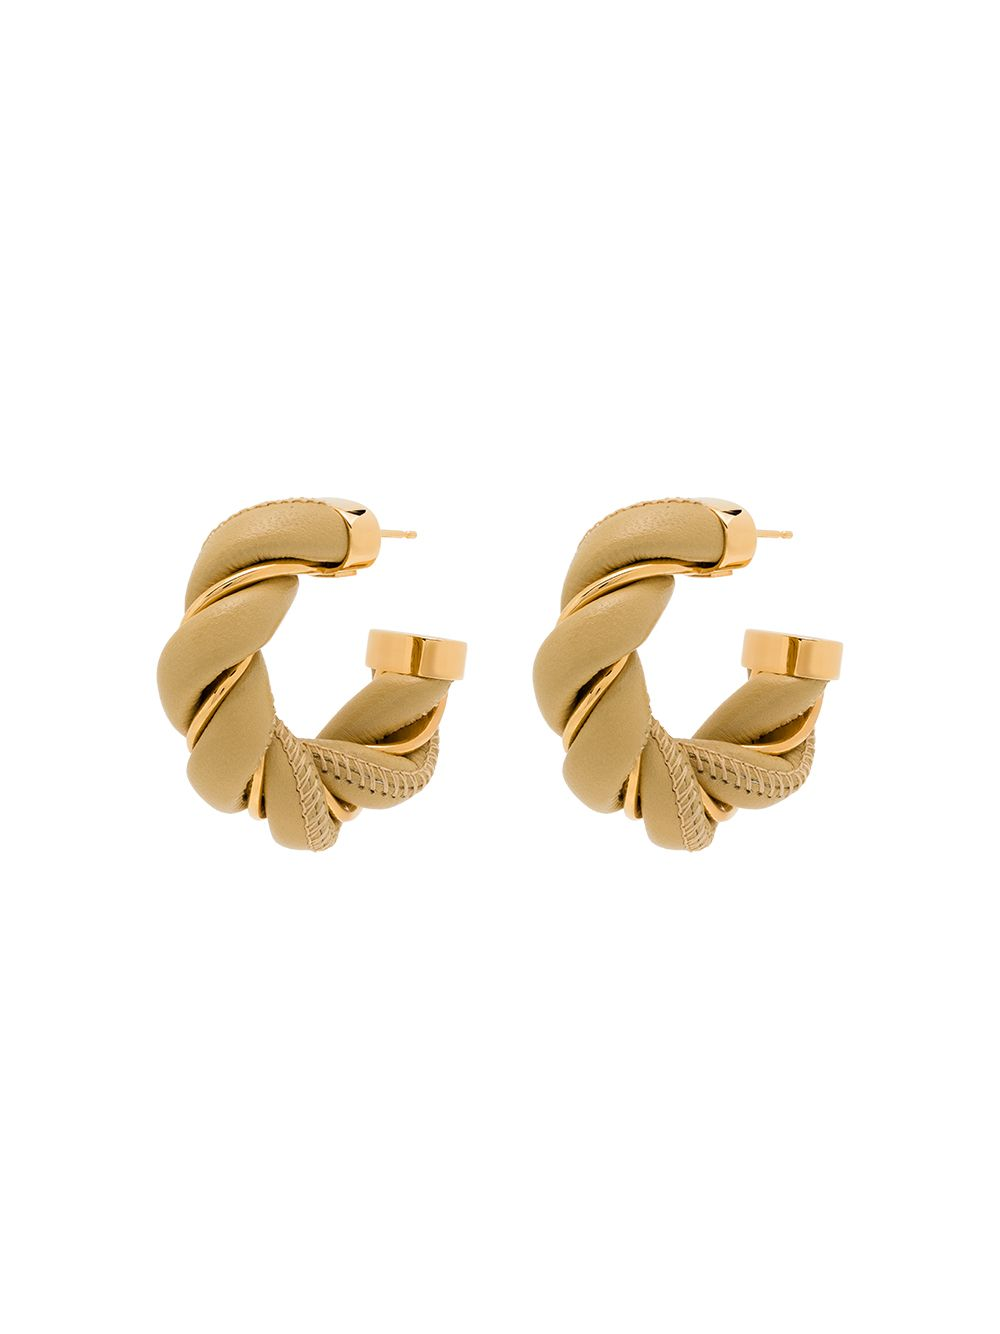 Leather/brass Twist Hoop Earrings